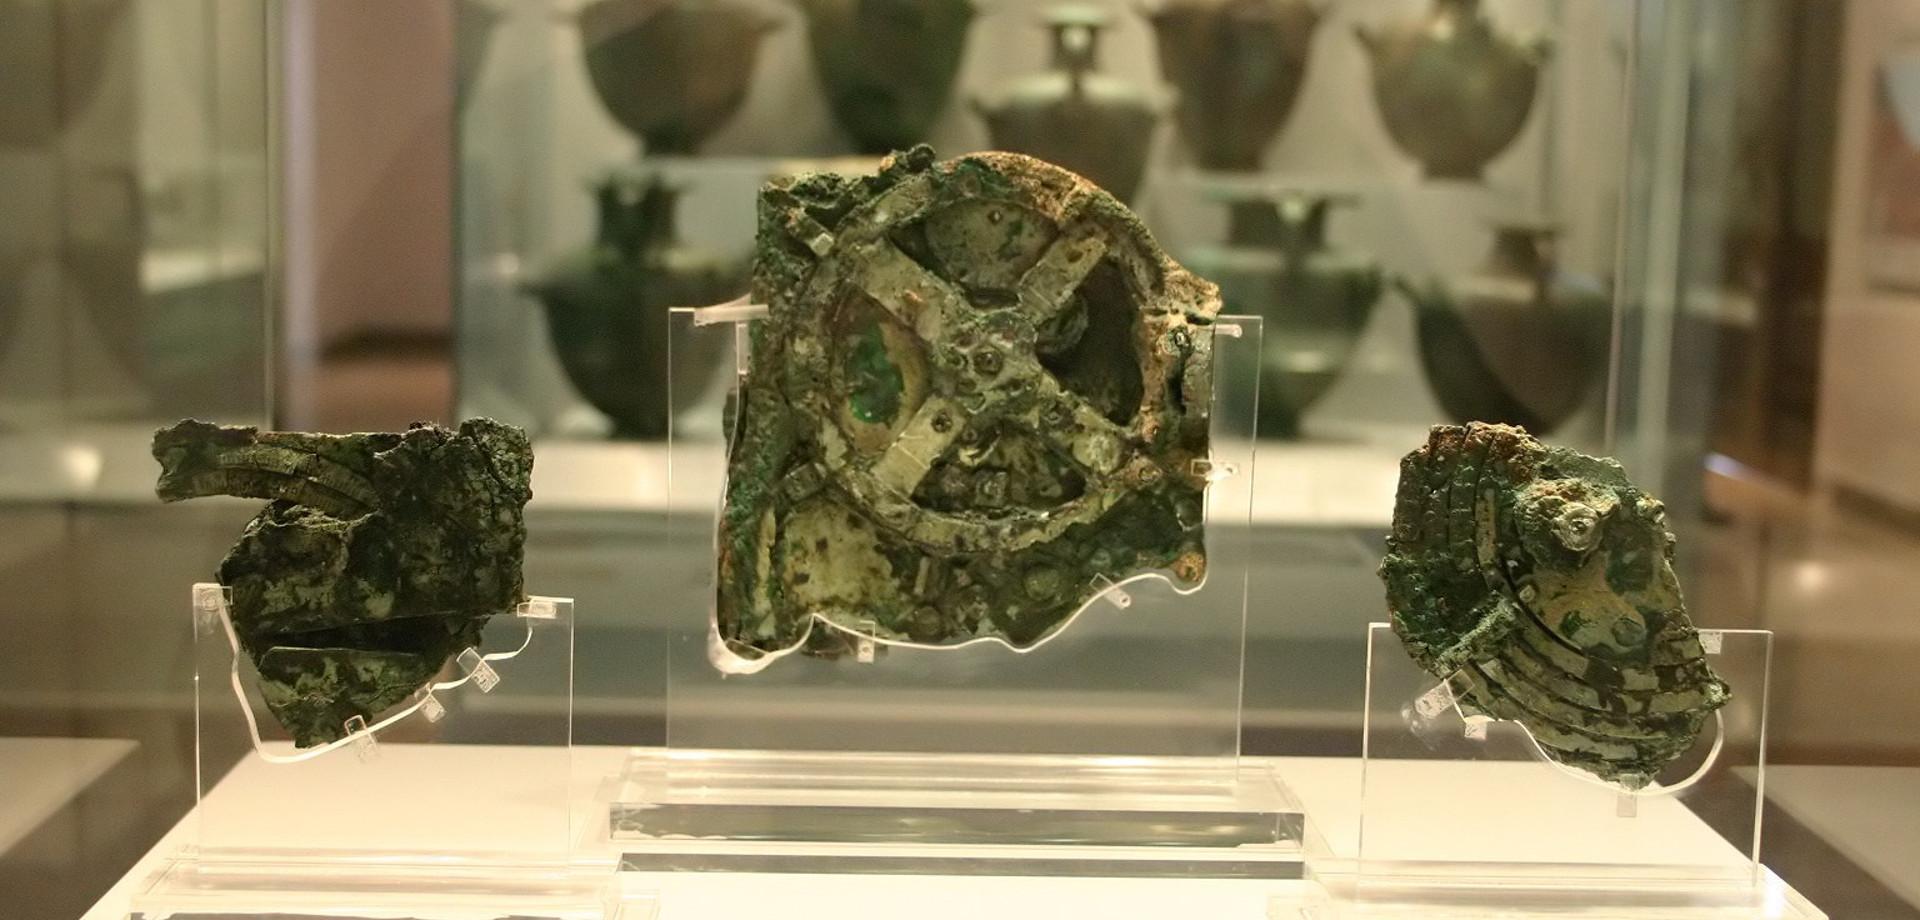 Αποτέλεσμα εικόνας για μηχανισμός των αντικυθήρων αρχαιολογικό μουσείο